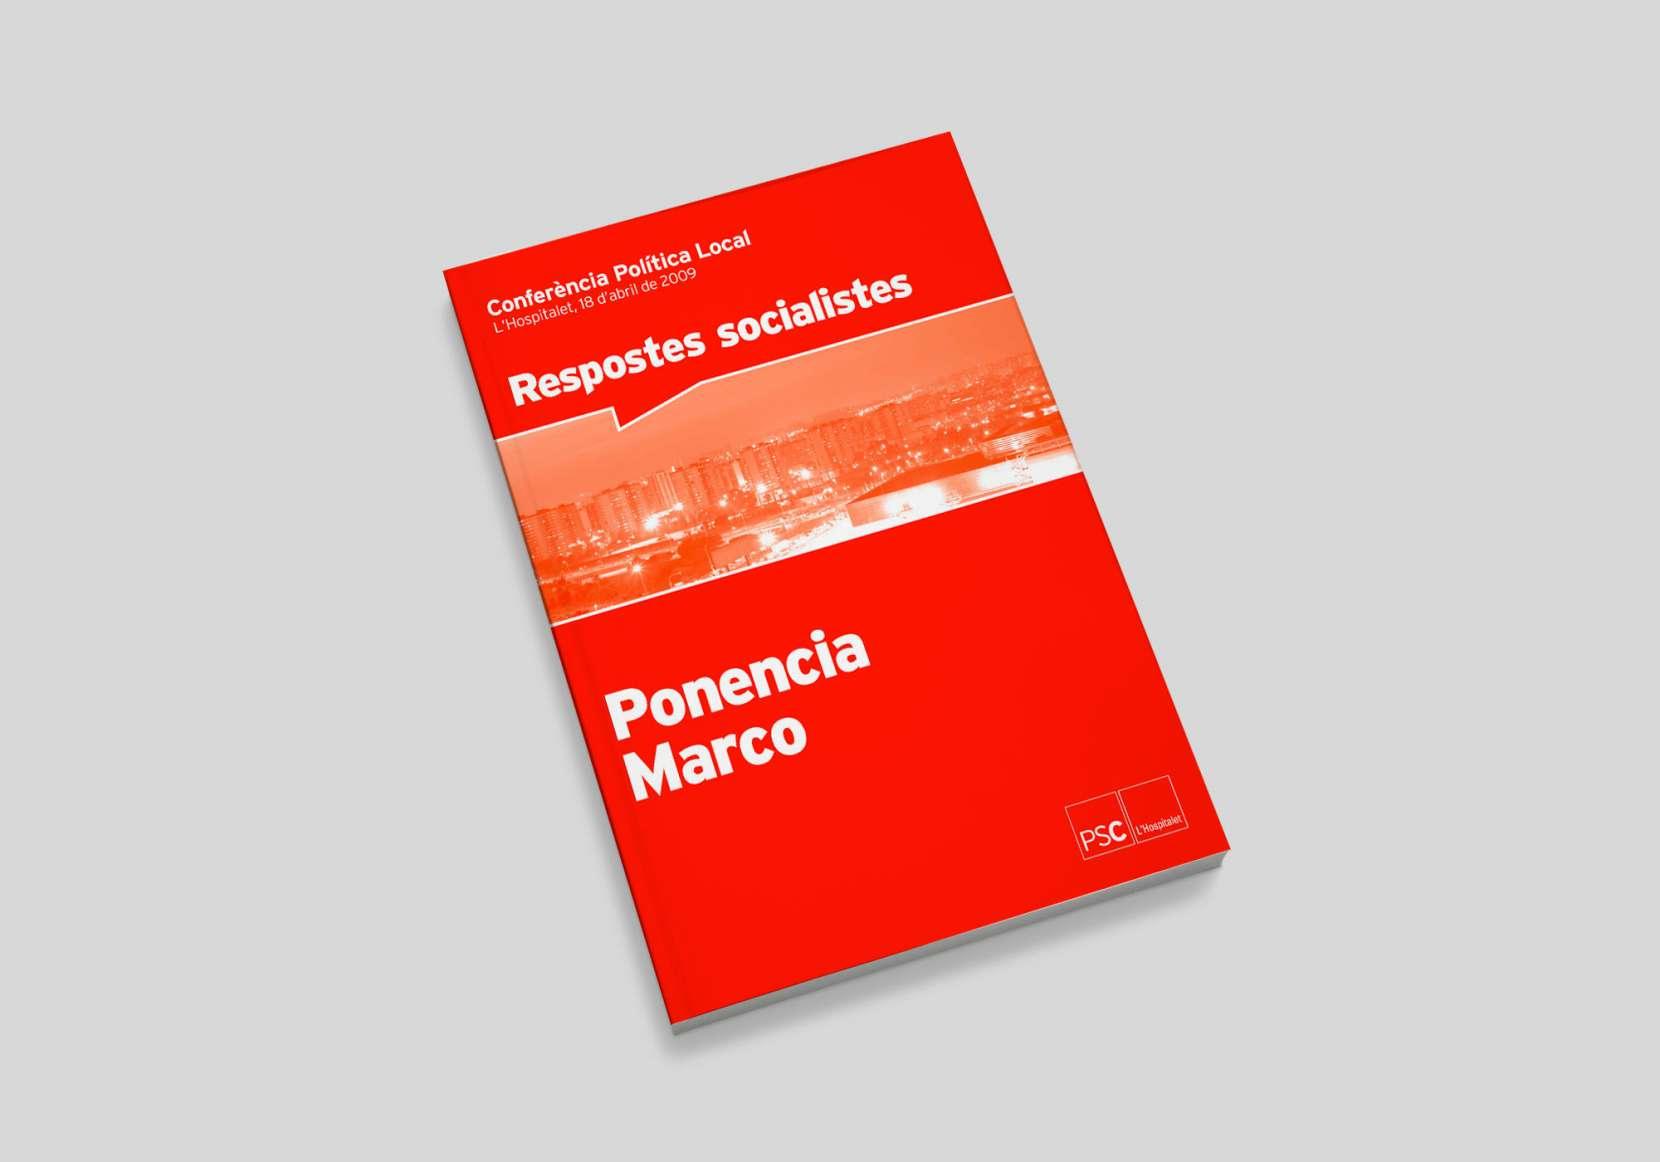 PSC-RESPOSTES-SOCIALISTES-BOOK-2.jpg